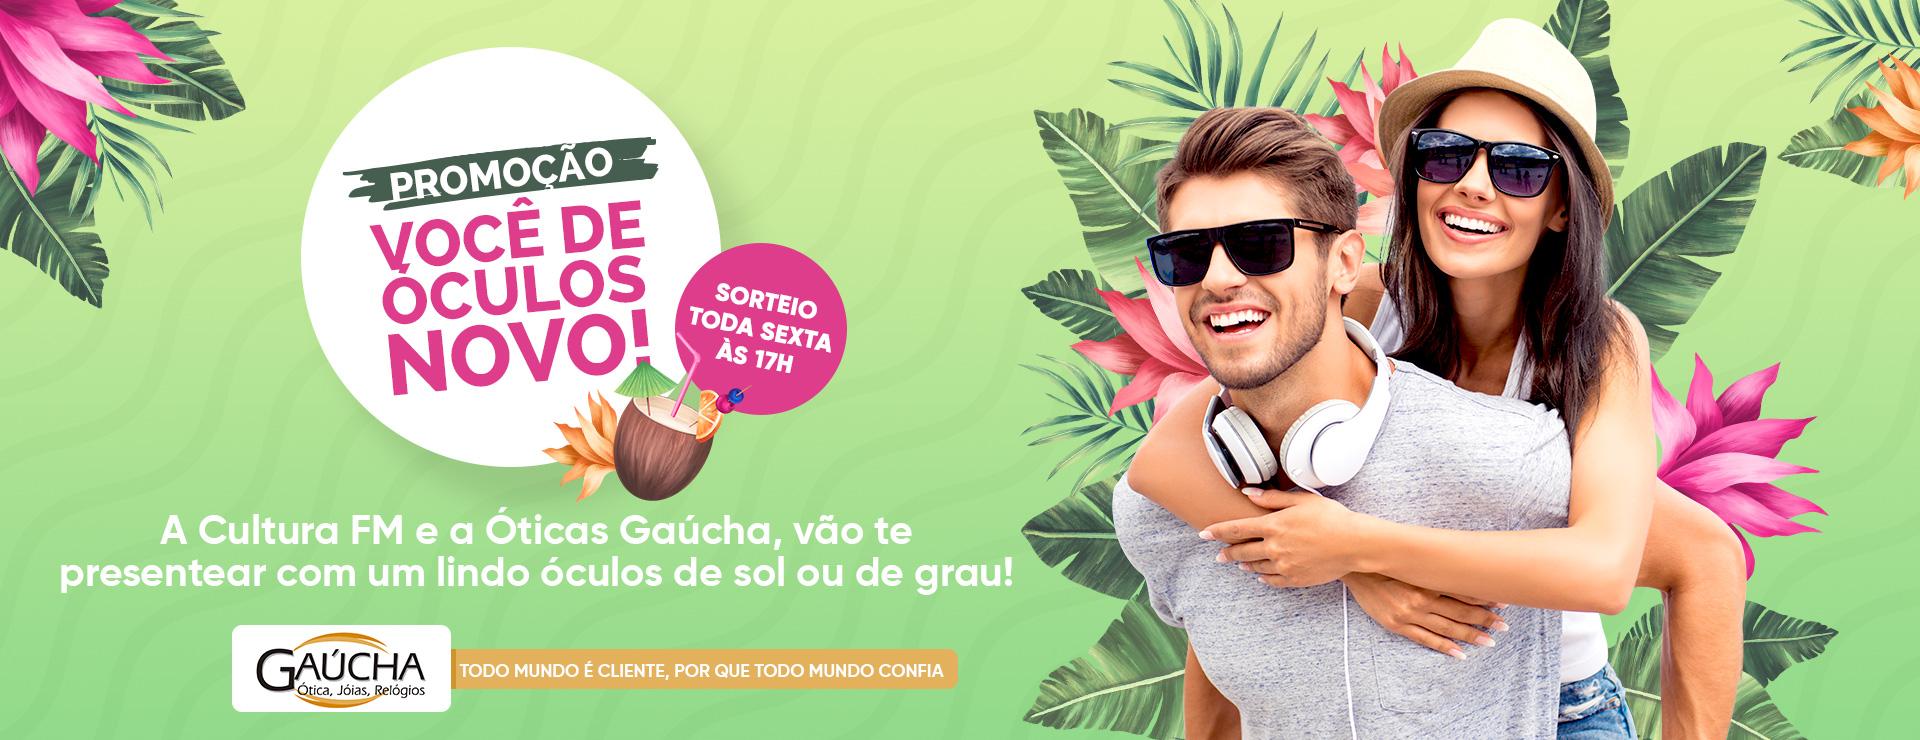 Promoção você de óculos novo com a Cultura FM e Óticas Gaúcha